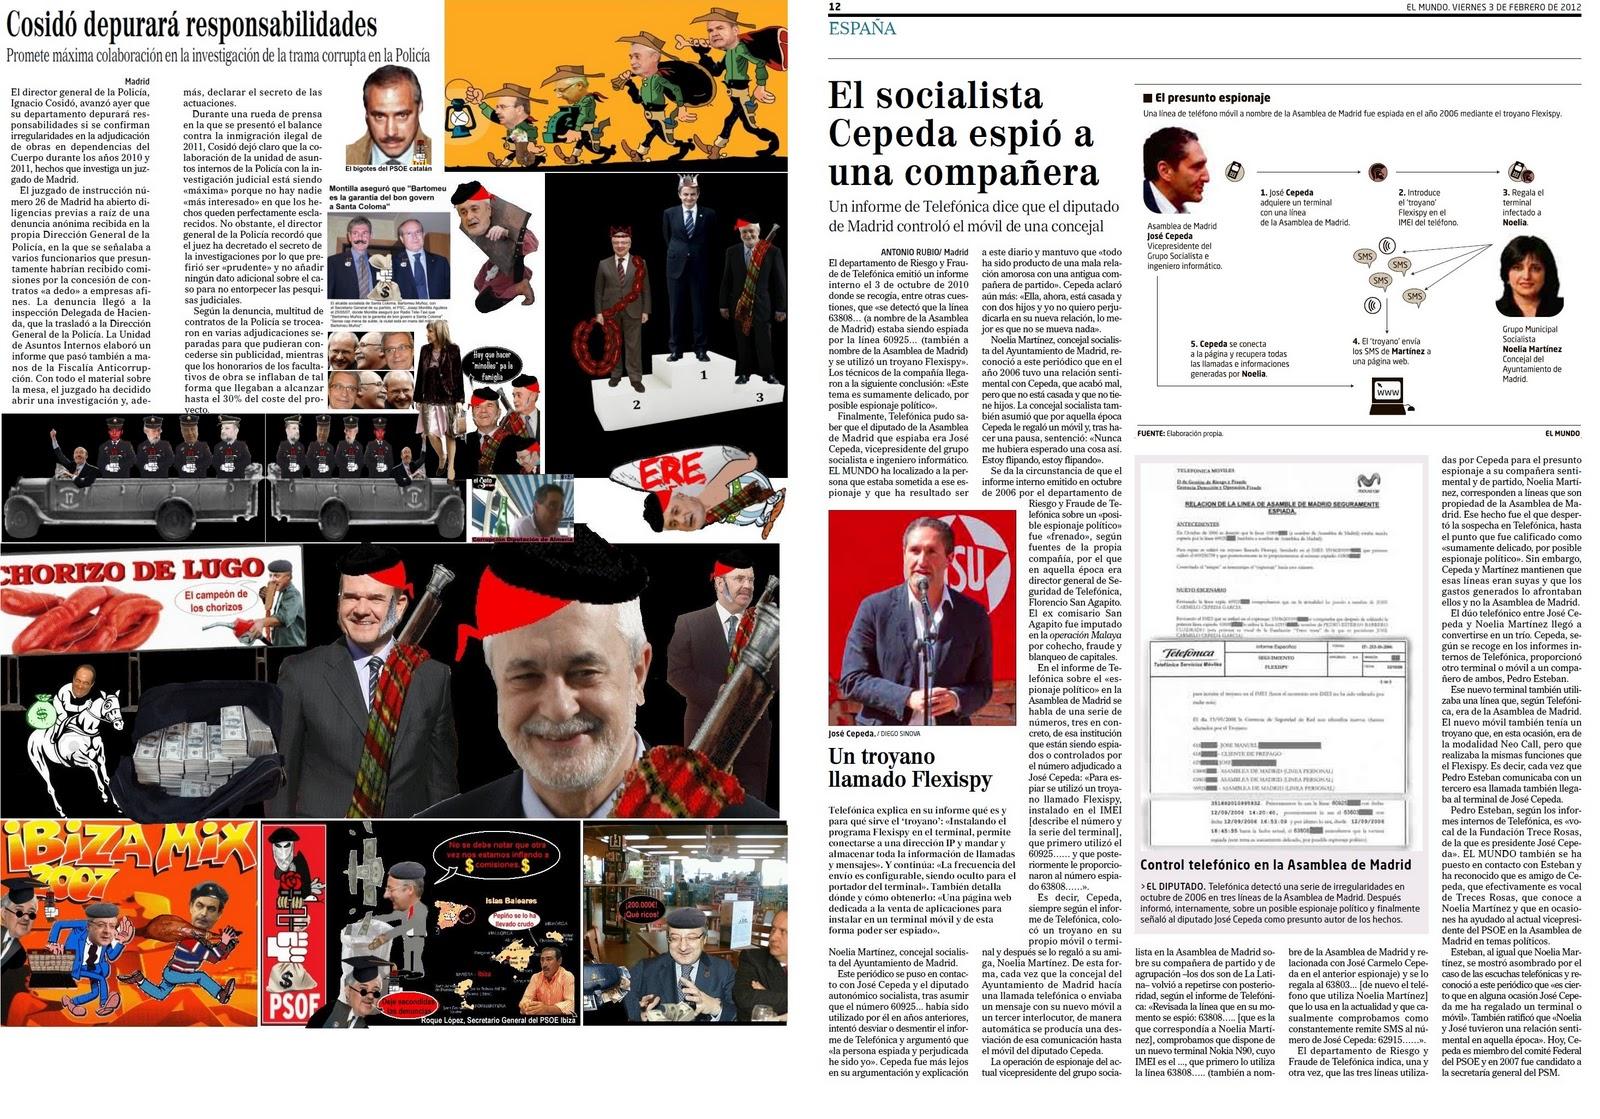 Rajoy no para, reforma tras reforma